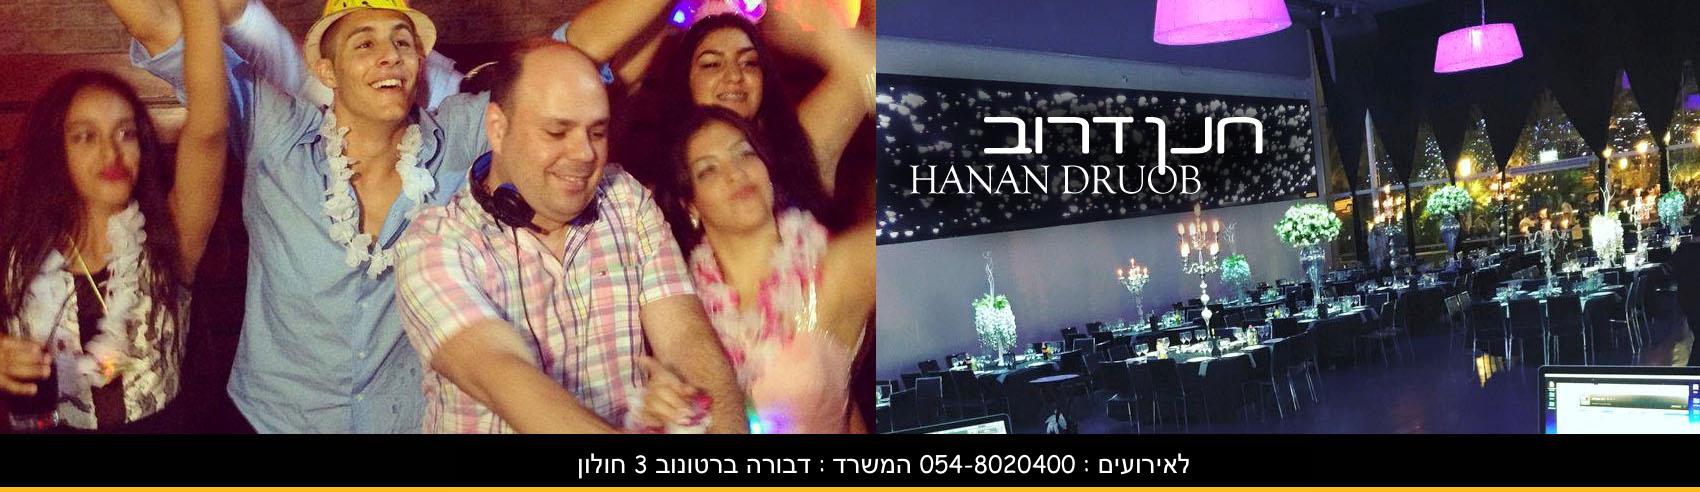 HANAN-D-SLIDER-s9 Fix